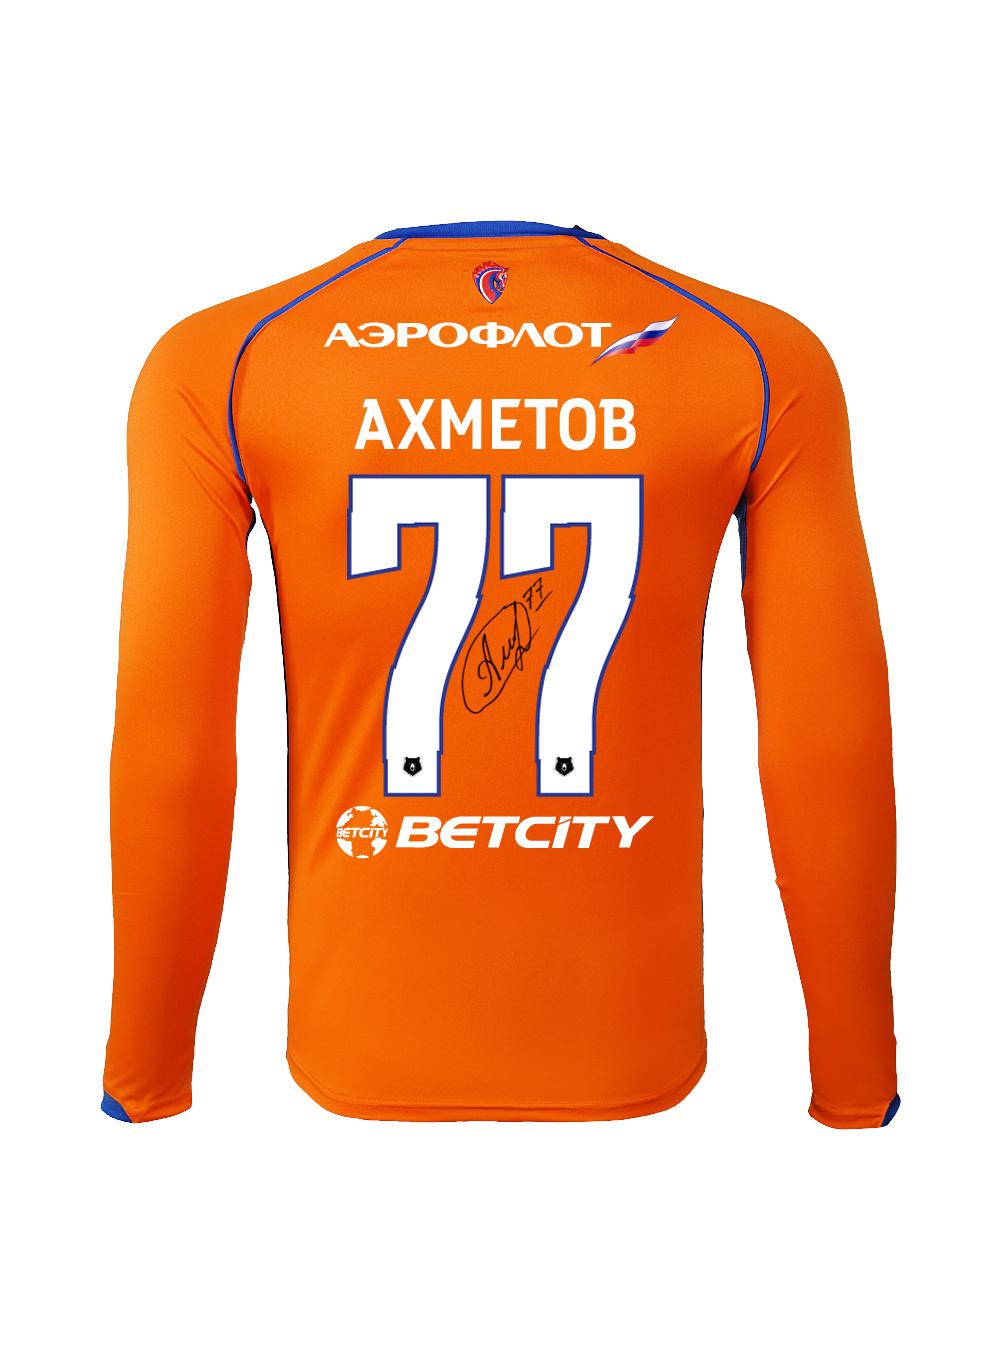 Купить Футболка игровая резервная с длинным рукавом с автографом АХМЕТОВА (S) по Нижнему Новгороду